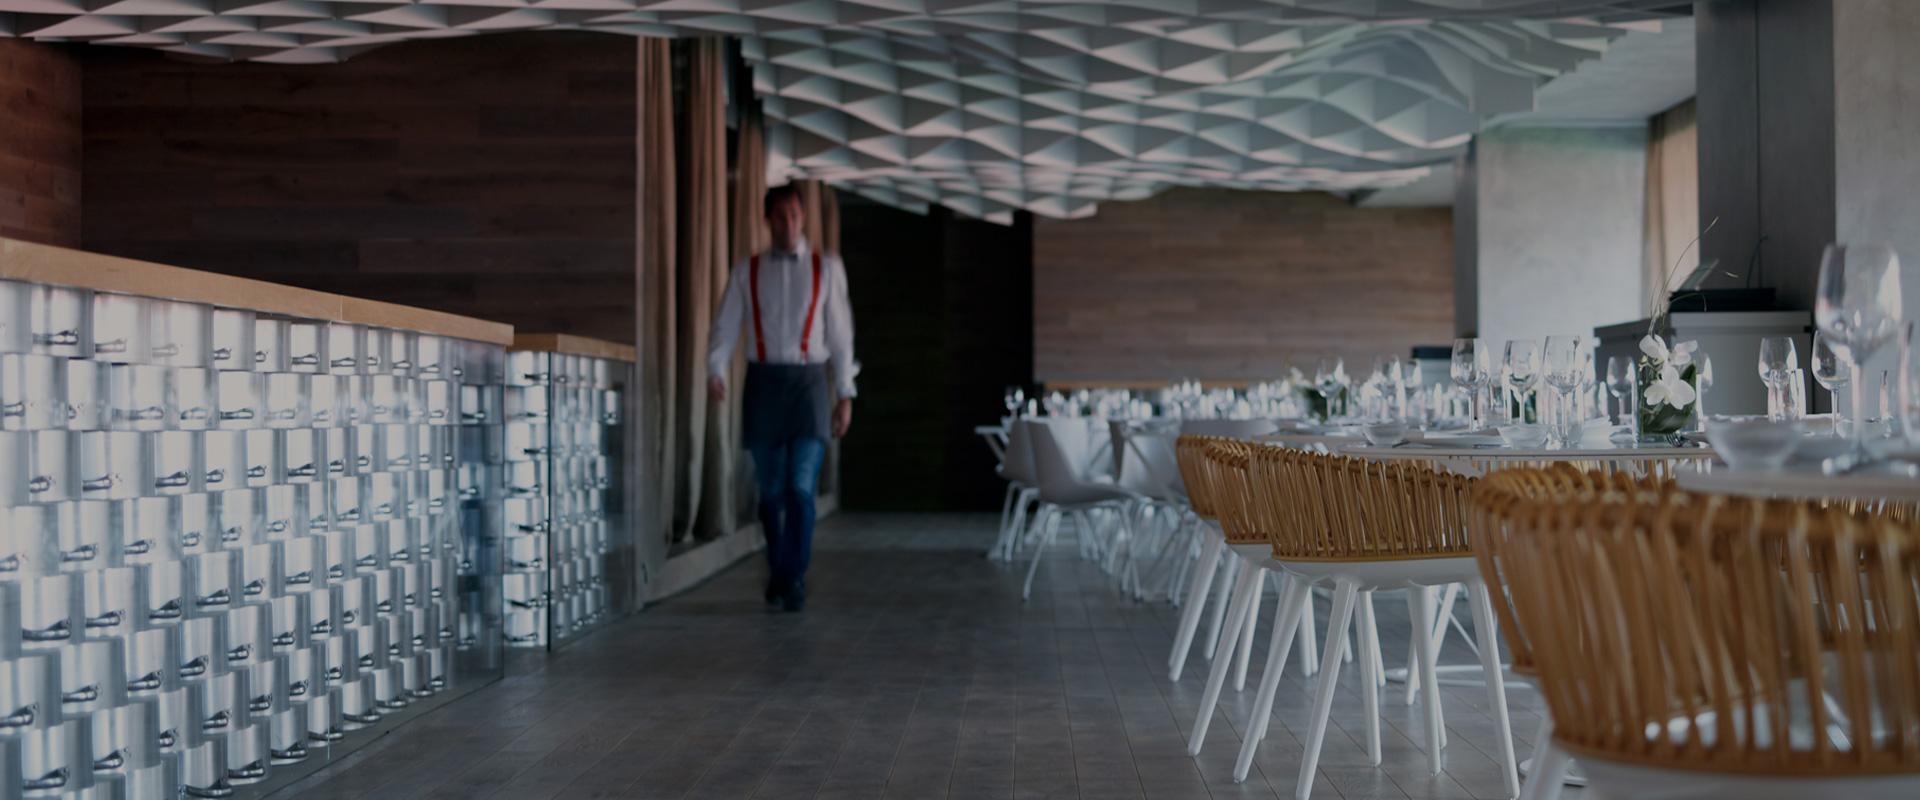 Vammos Restaurant